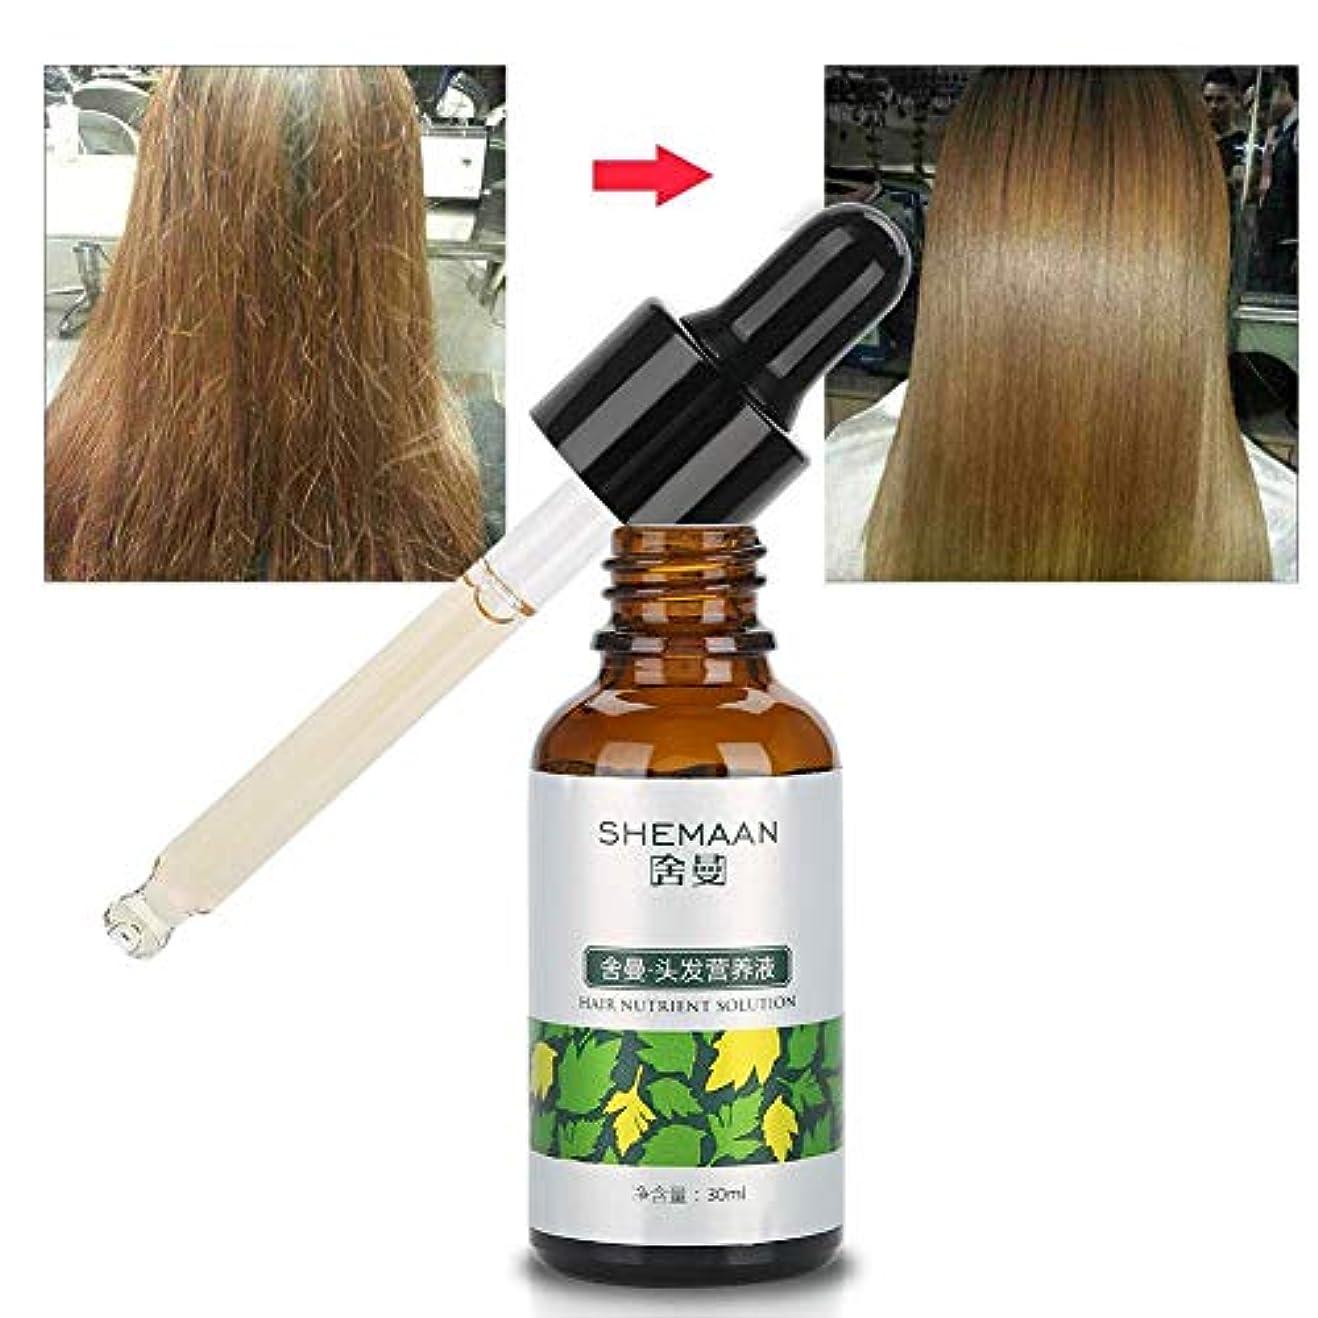 パンフレットダーベビルのテス傀儡オイルヘア製品、30mlユニセックスセラムにより、髪を滑らかで柔らかく、明るい髪にします。髪のもつれや枝毛を減らします。